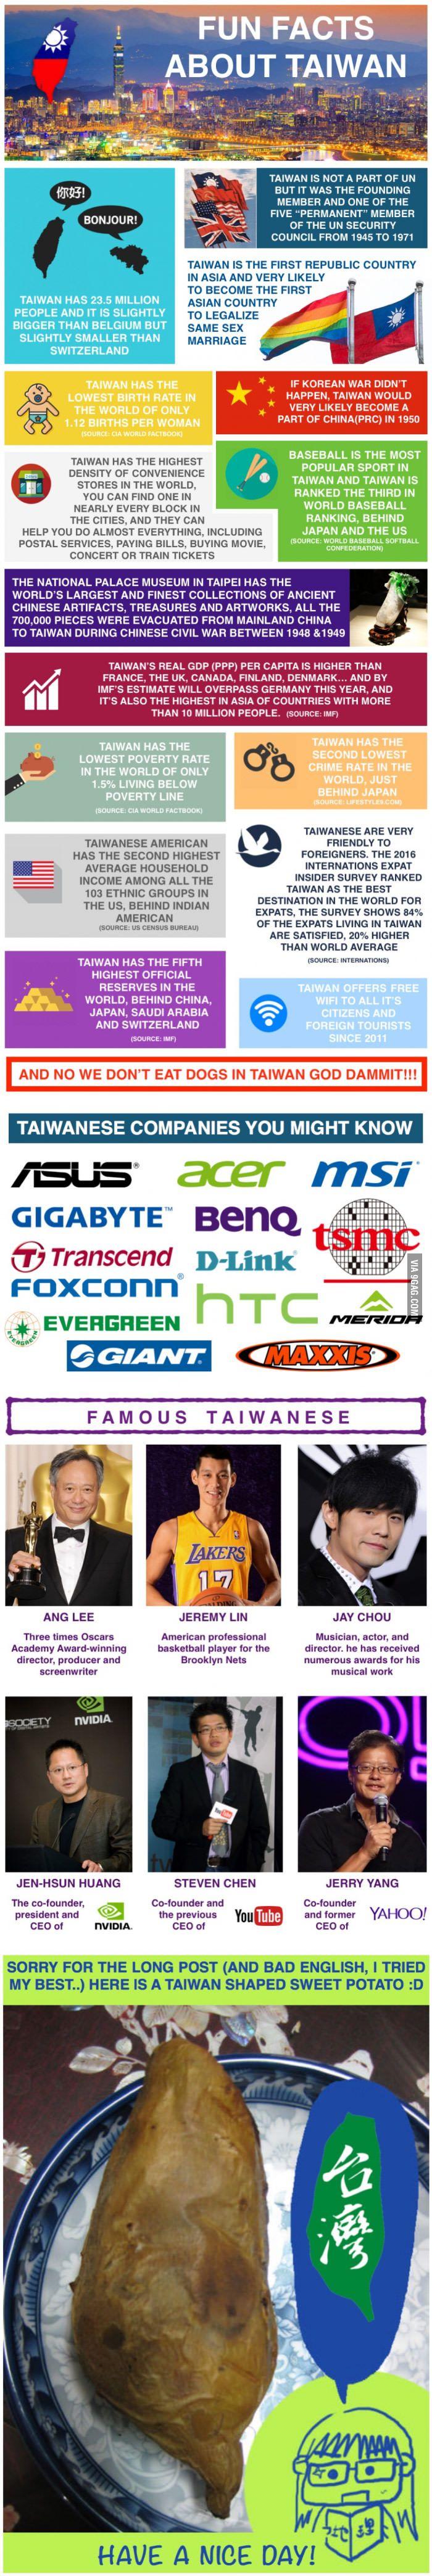 Fun Facts about Taiwan! - 9GAG